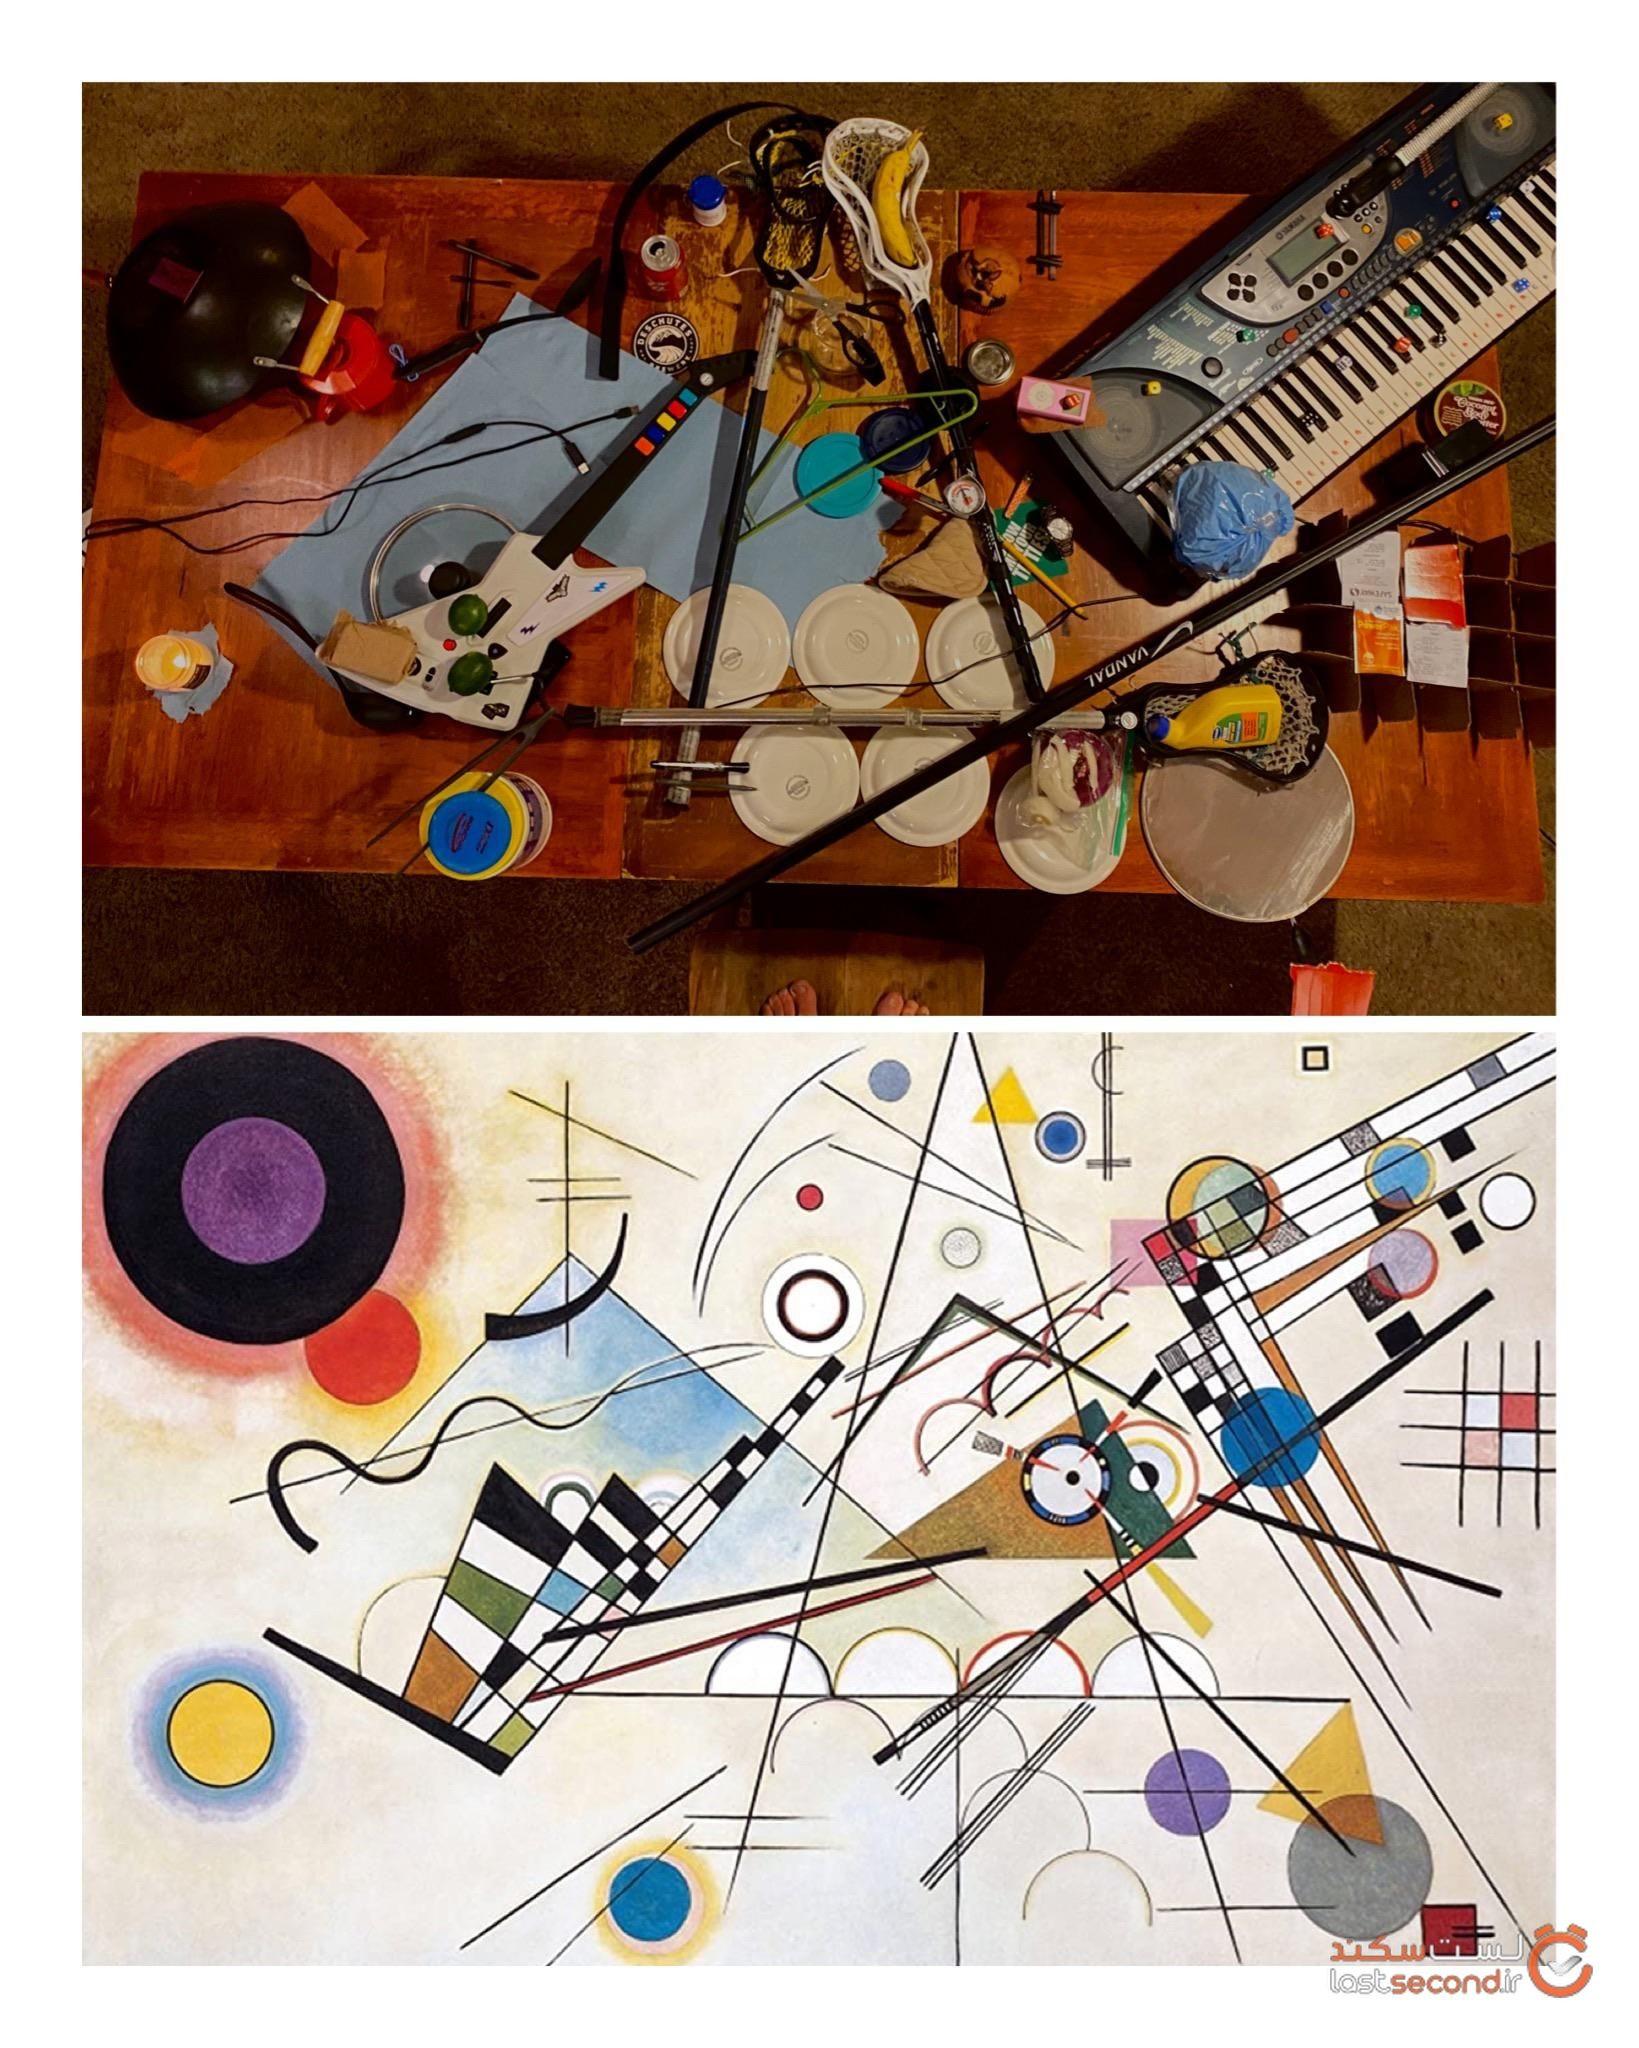 مردم آثار هنری را اشیا در خانه بازسازی کردند.